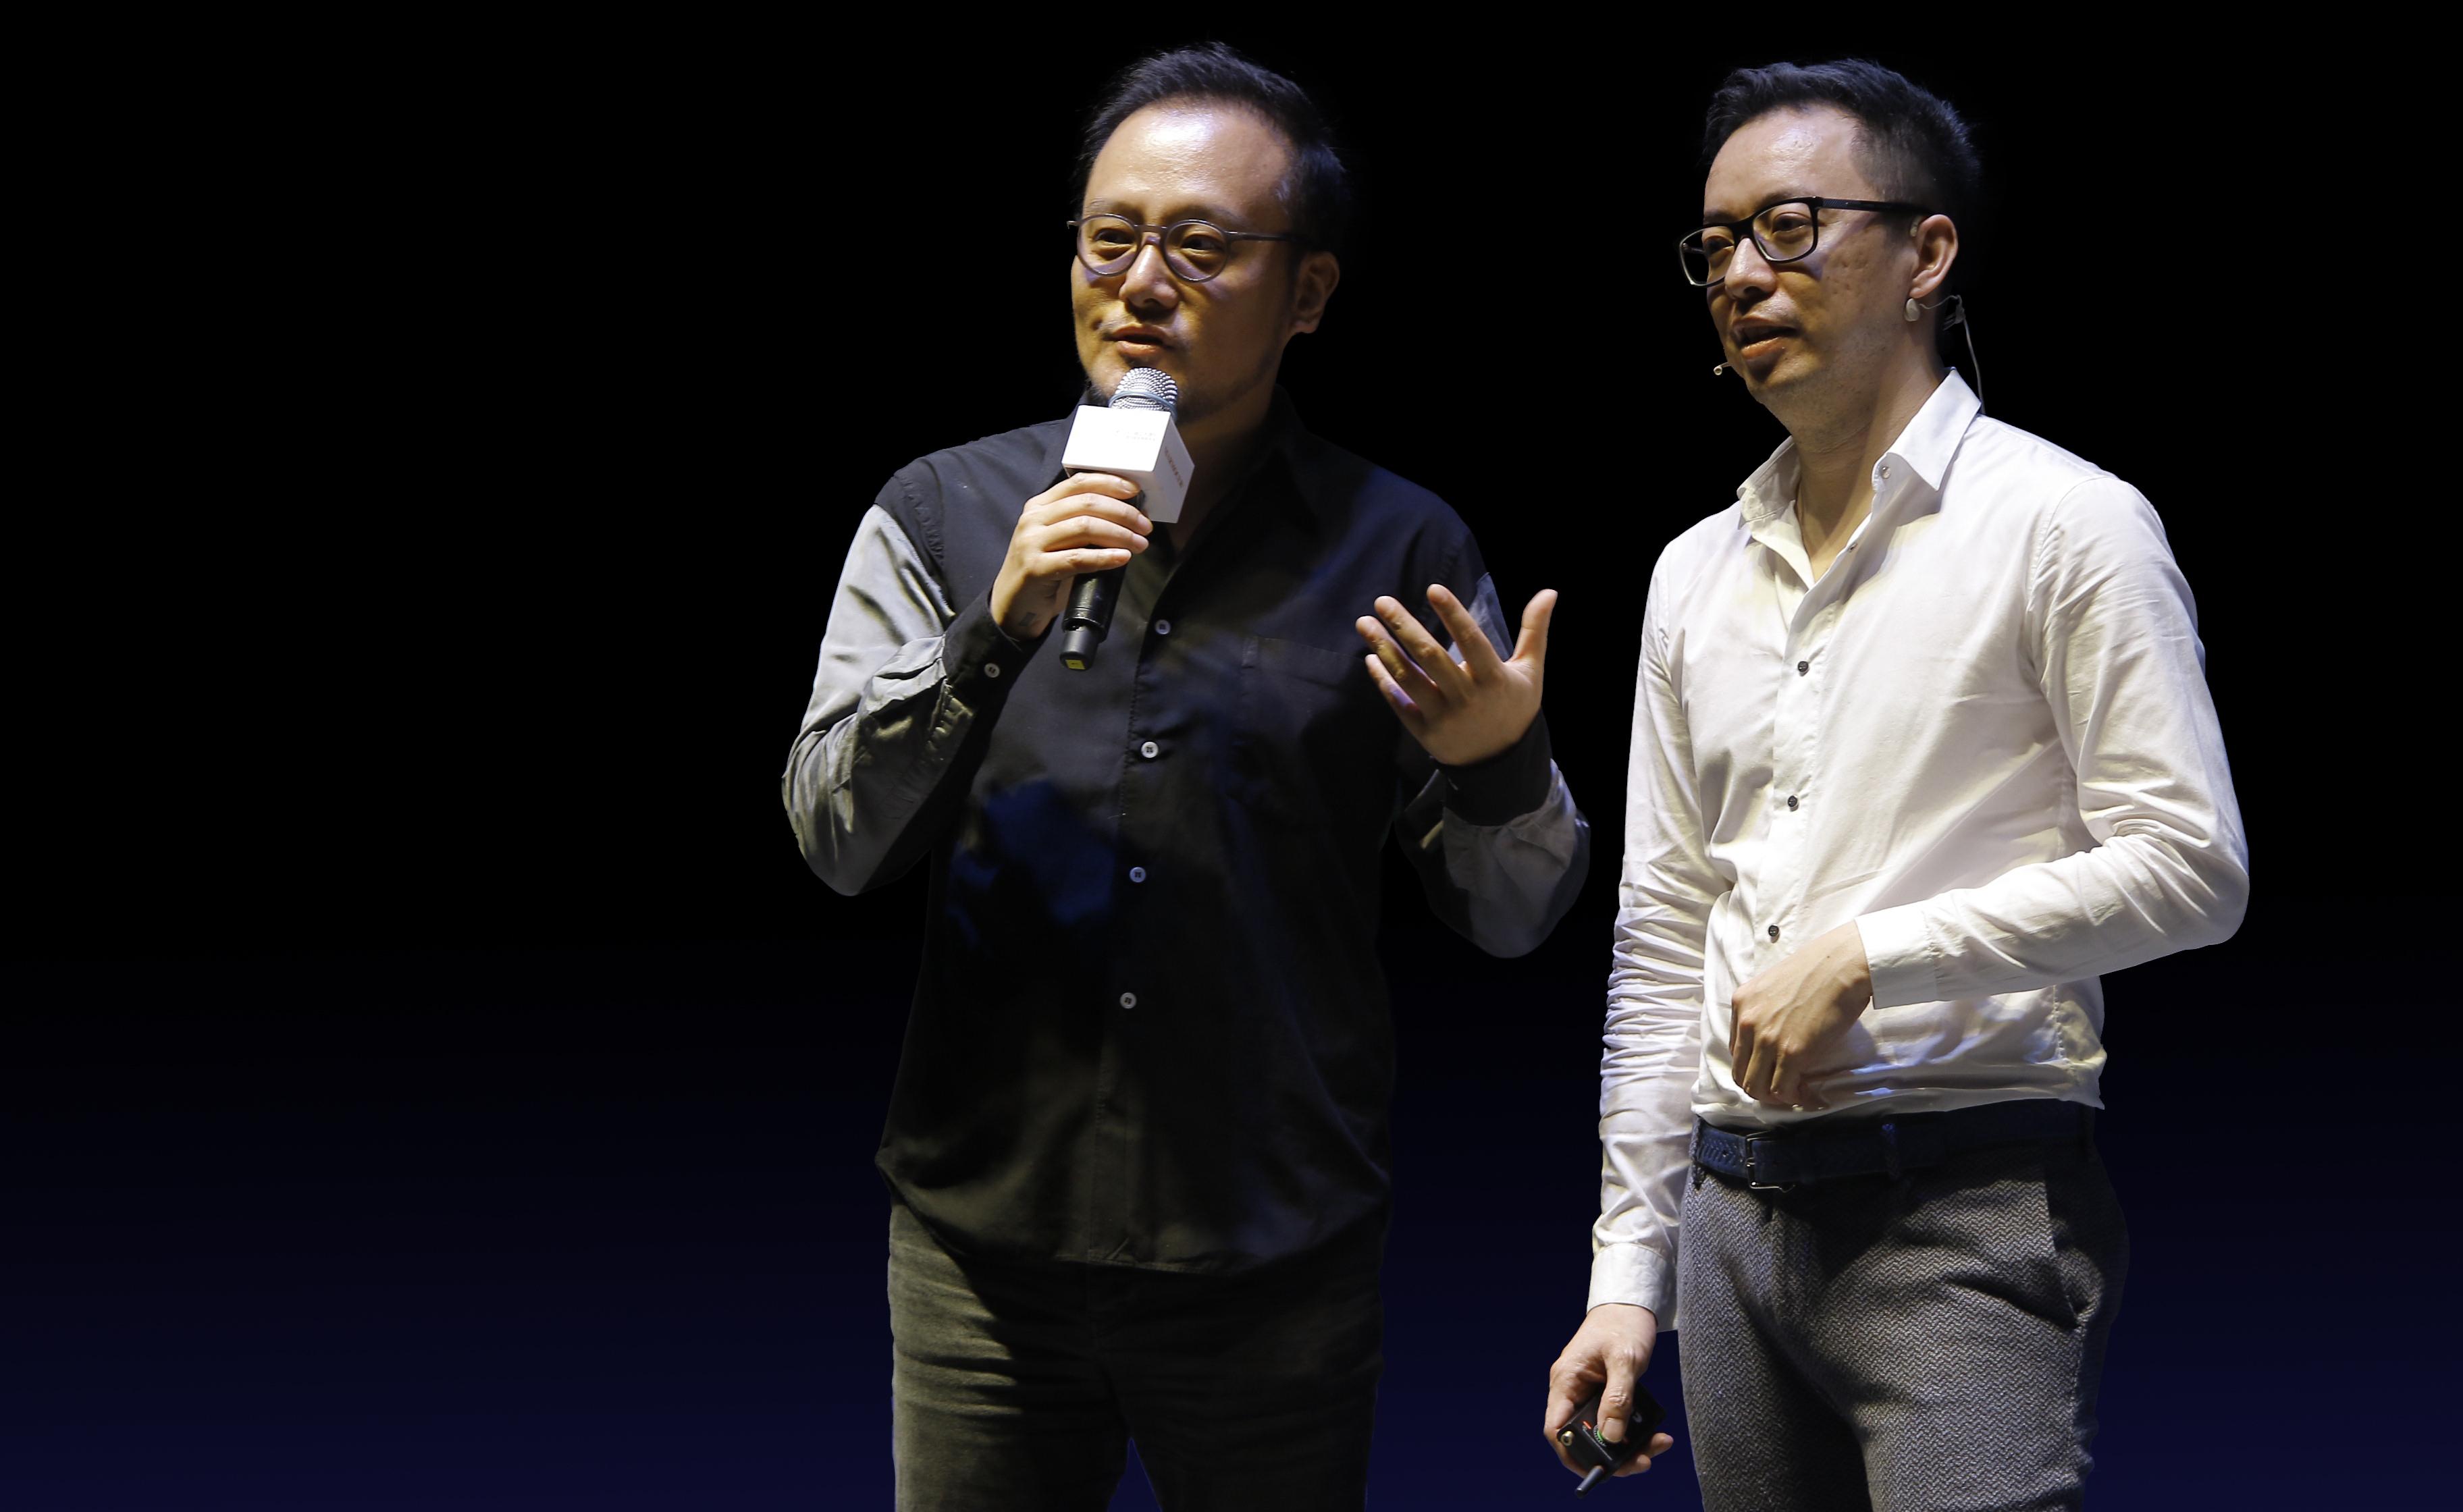 米洛西携手顶级设计师吴滨 将东方美学推向世界